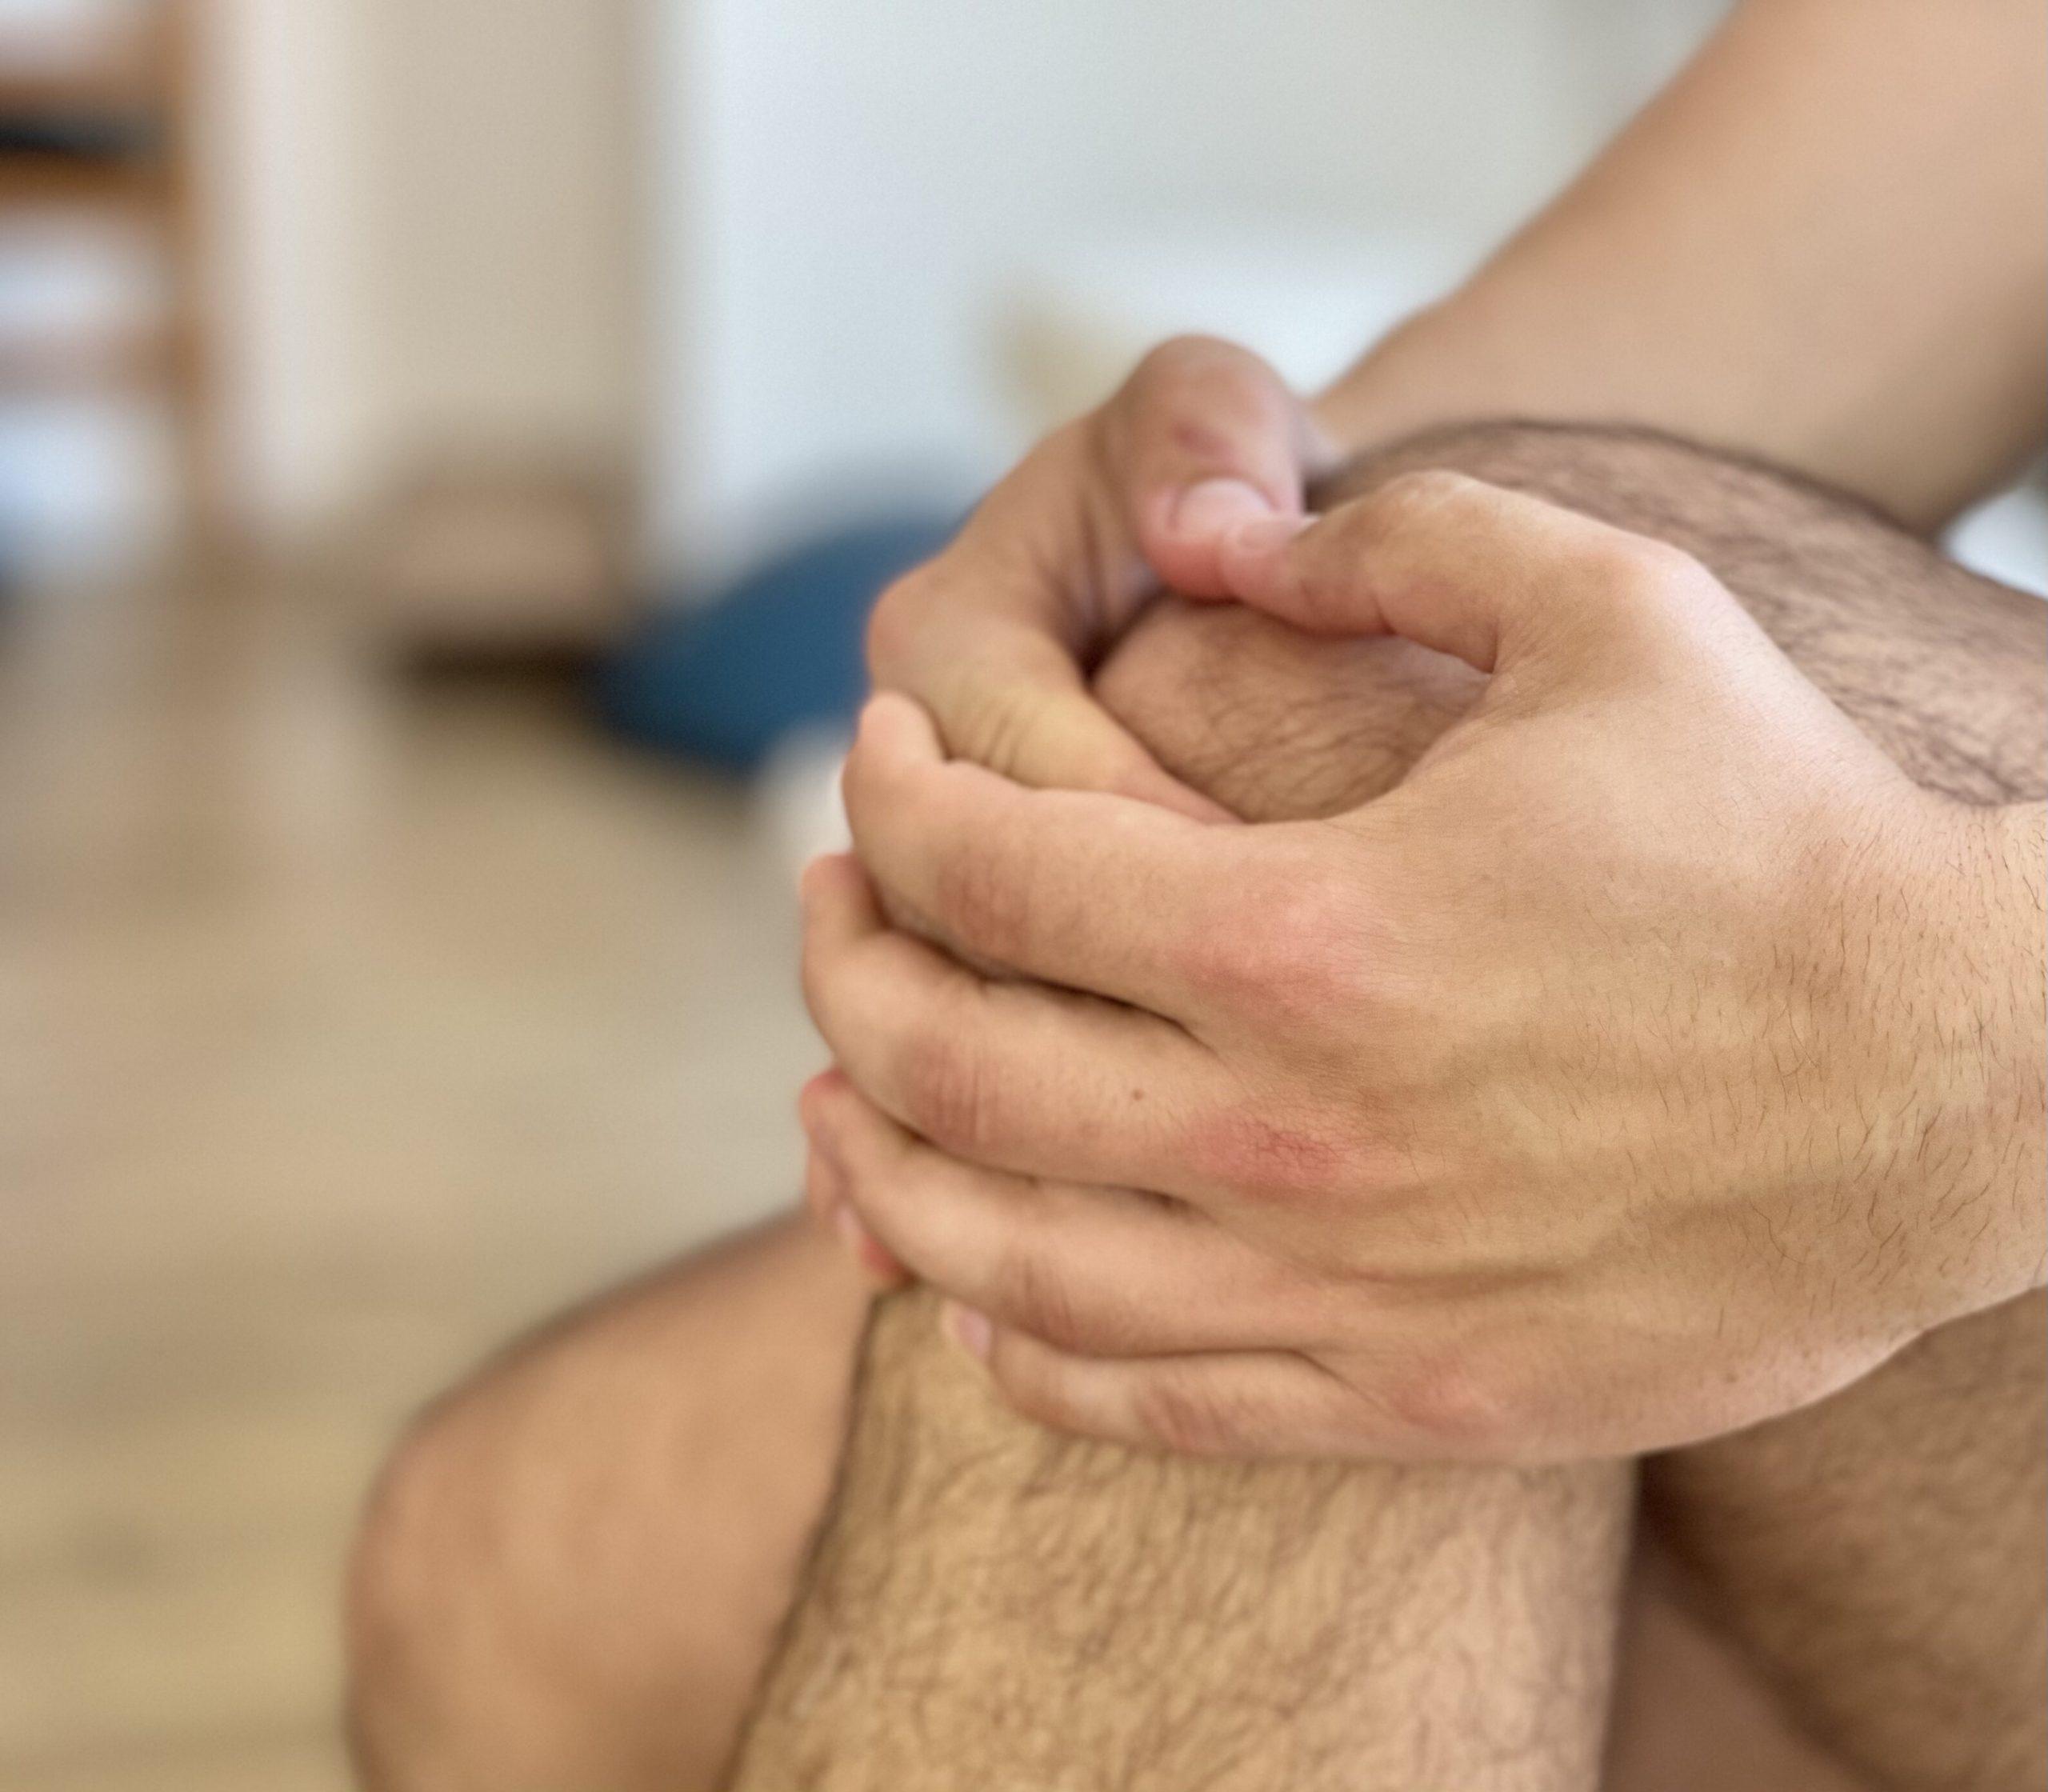 cruzado rodilla cirugía fisioterapia rehabilitación osteon